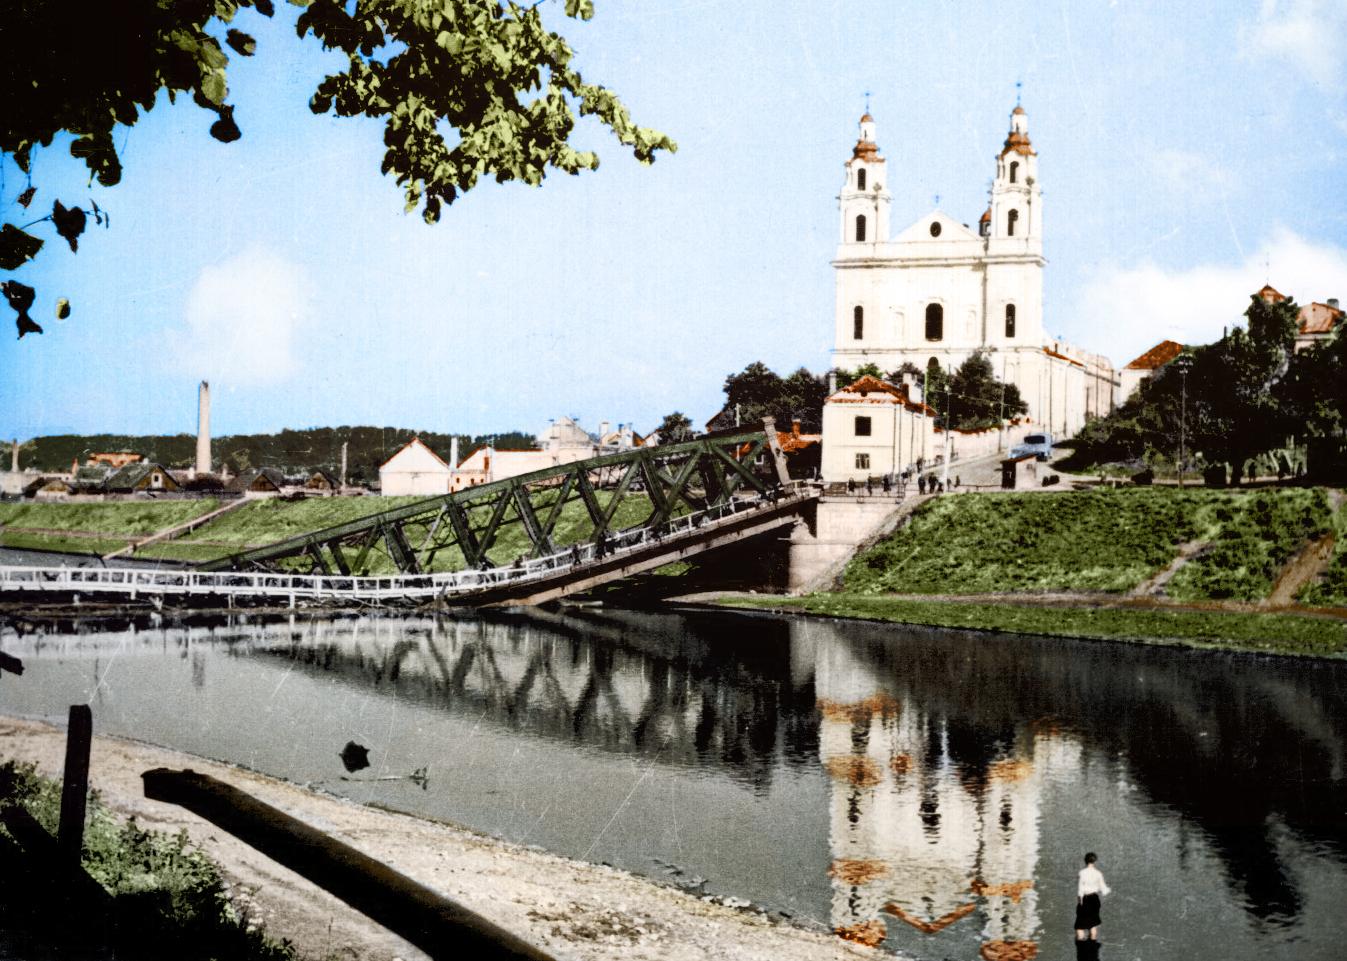 Žaliąjį tiltą Vilniuje sugriauna sprogimas 1944 m